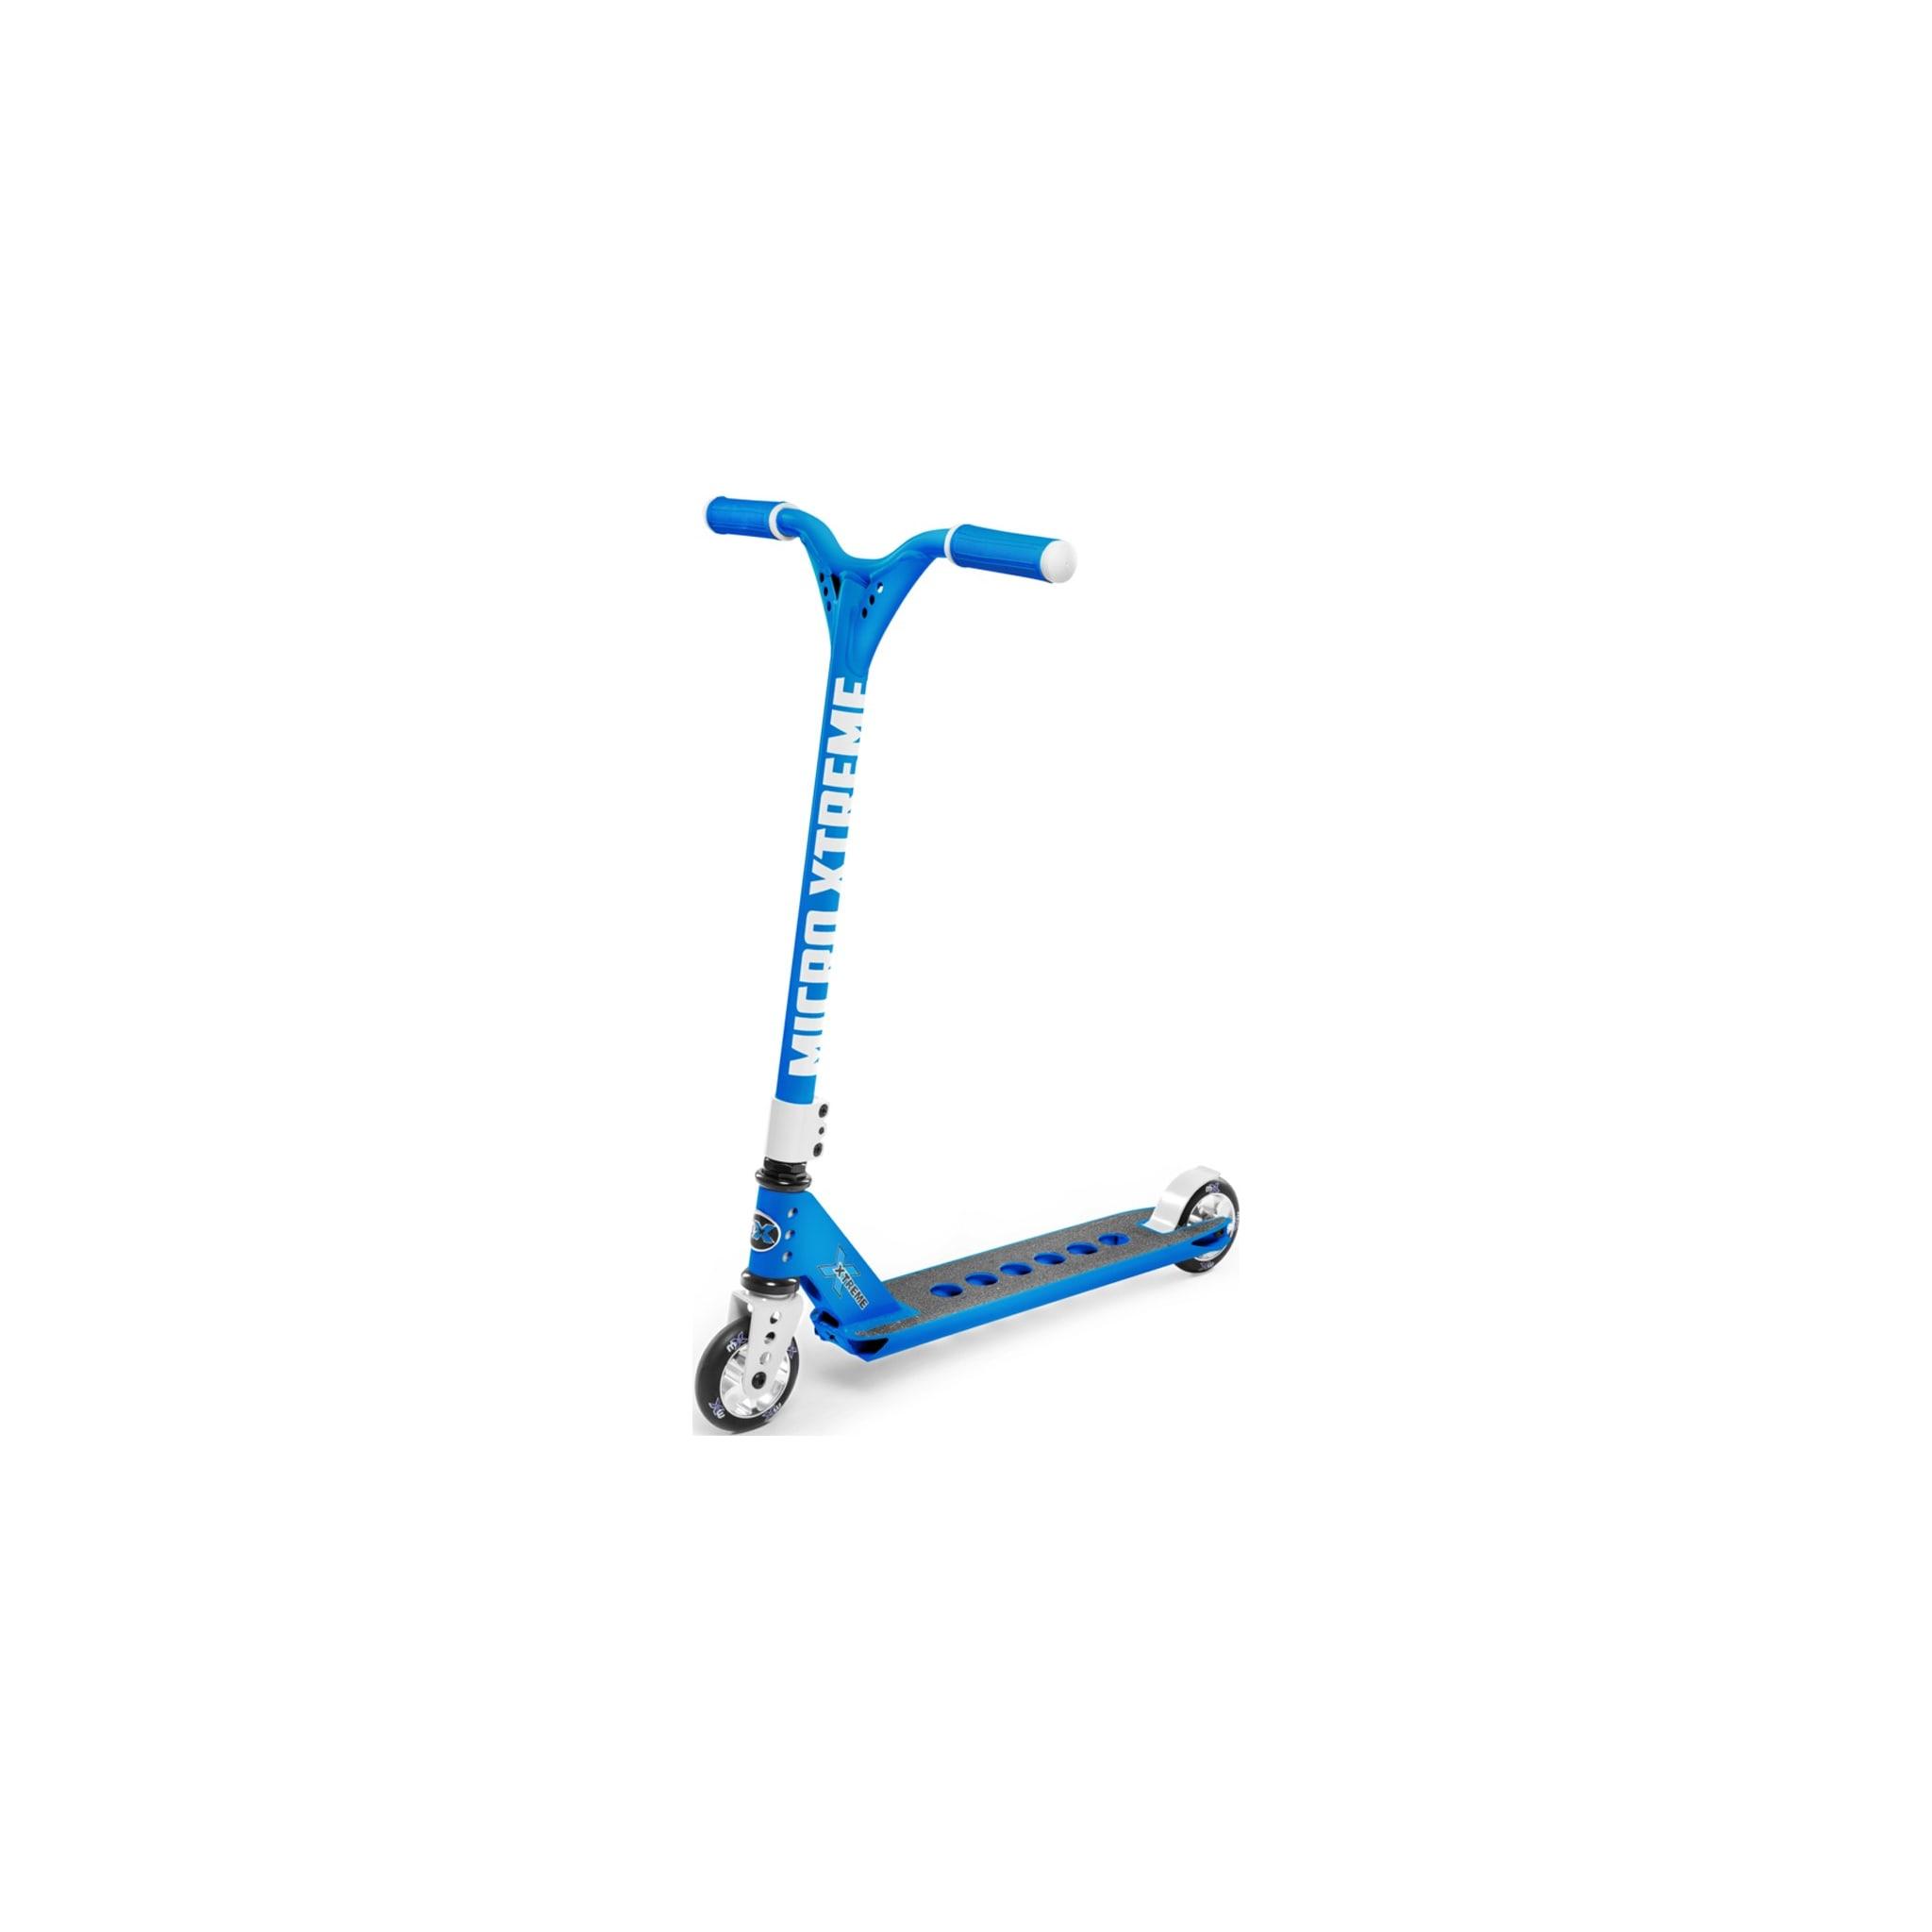 Trick-scooter for unge og lovende!